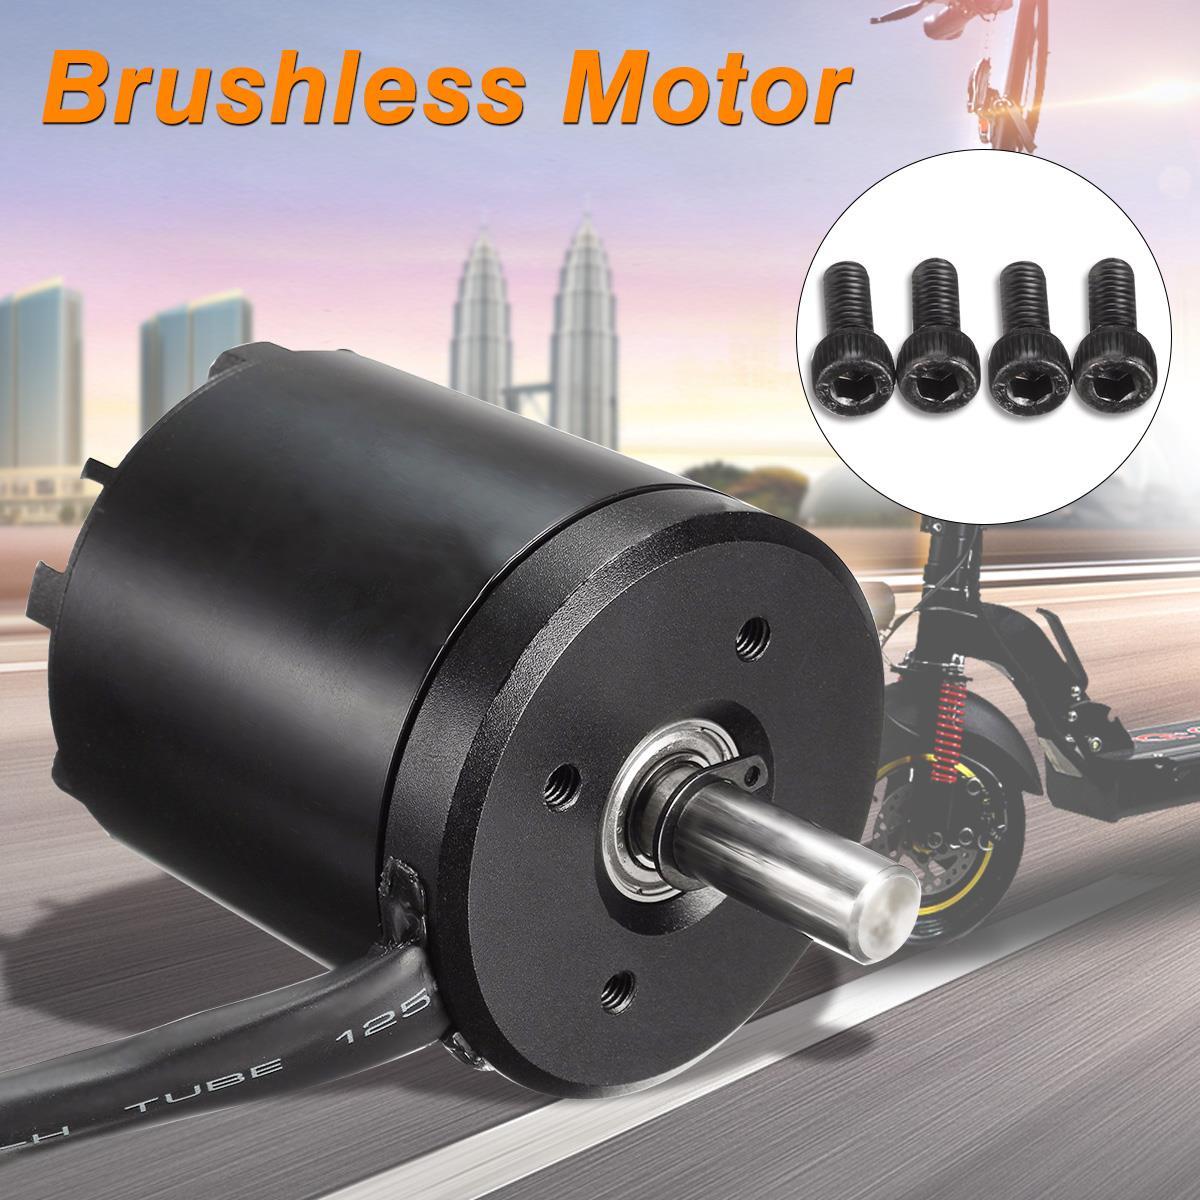 2.6 кг 3-8 s n5065 5065 270kv безщеточный датчиками Двигатель для электрический скутер Skate Двигатель Интимные аксессуары